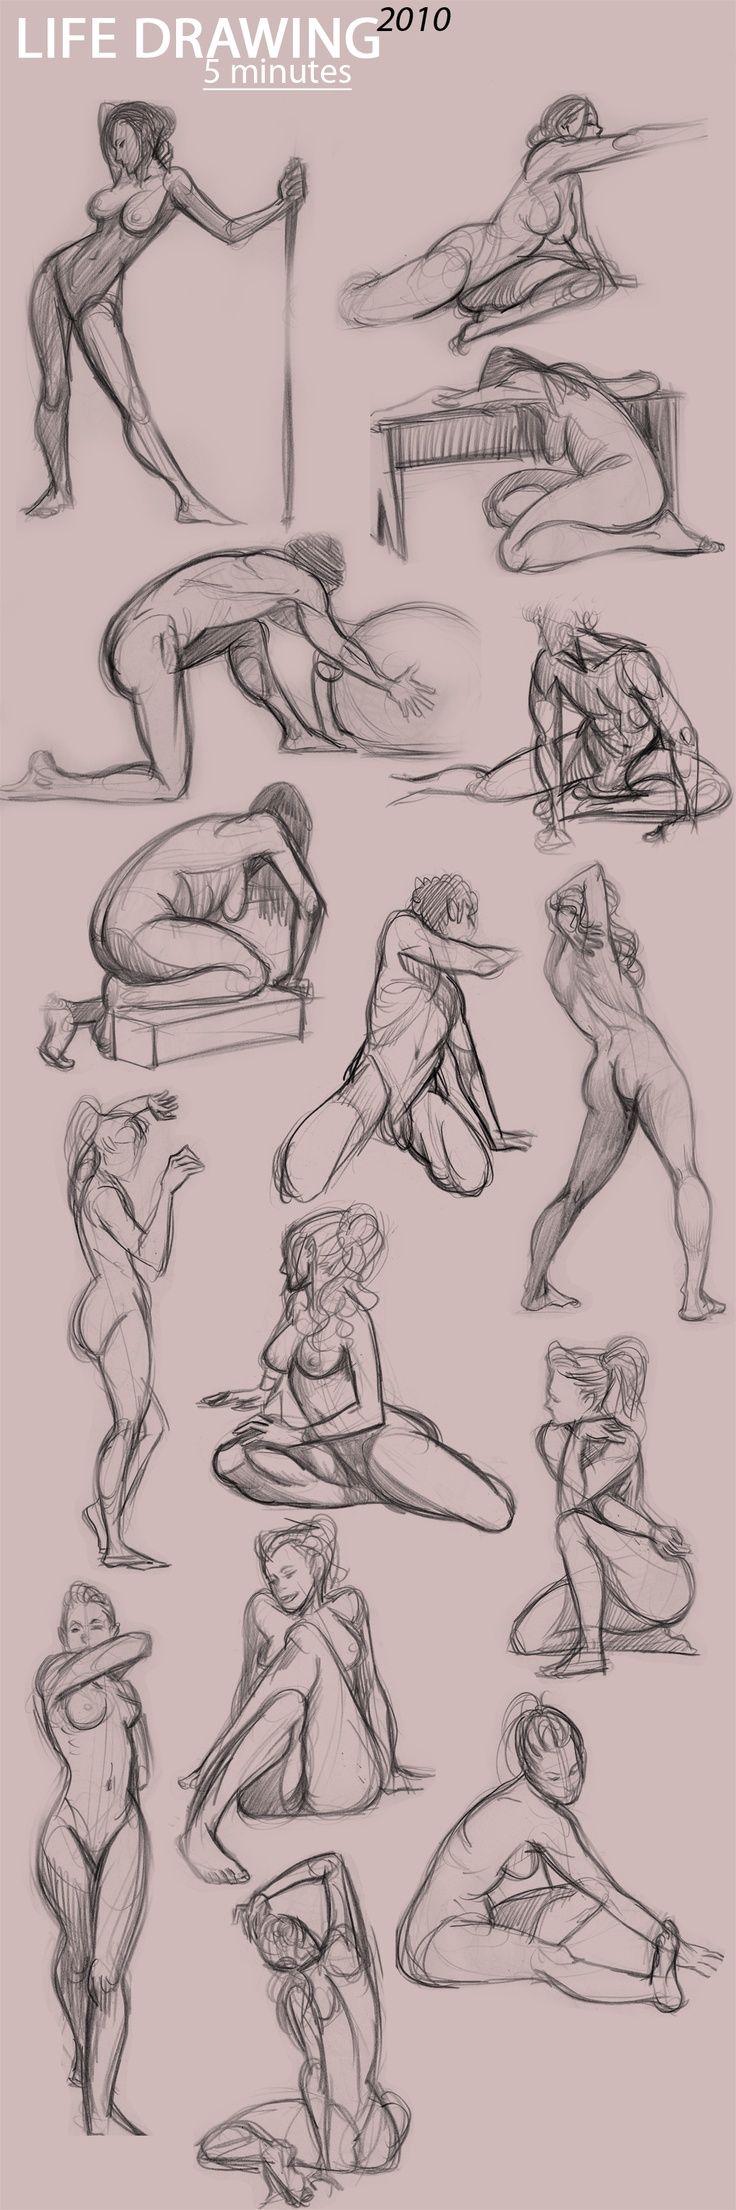 how to draw aprenda  a desenhar corpos em movimento